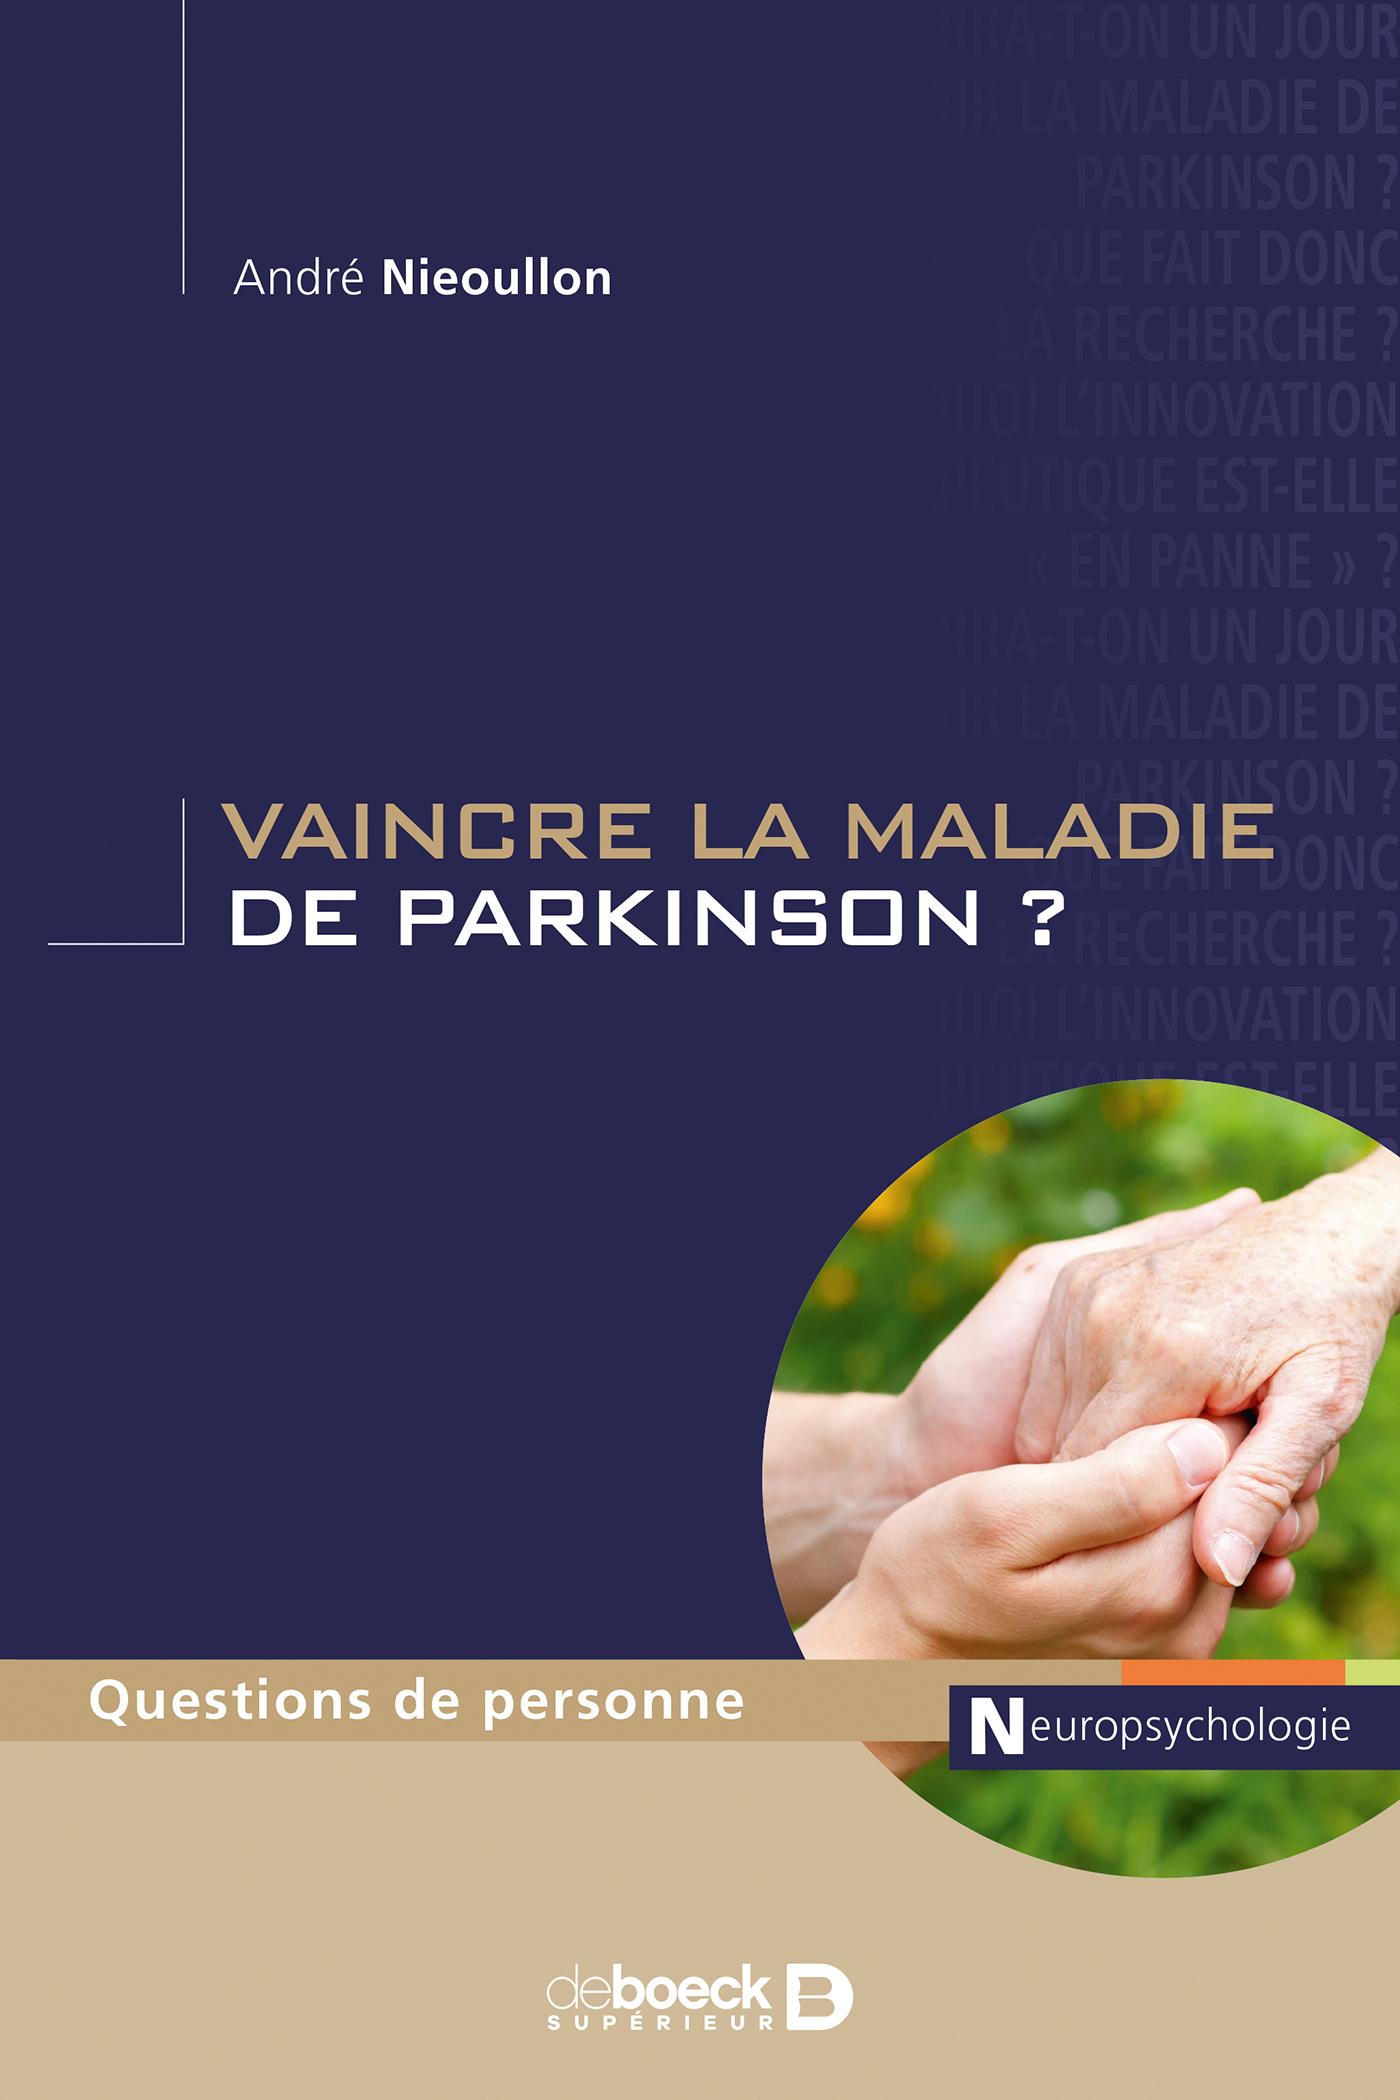 VAINCRE LA MALADIE DE PARKINSON ?